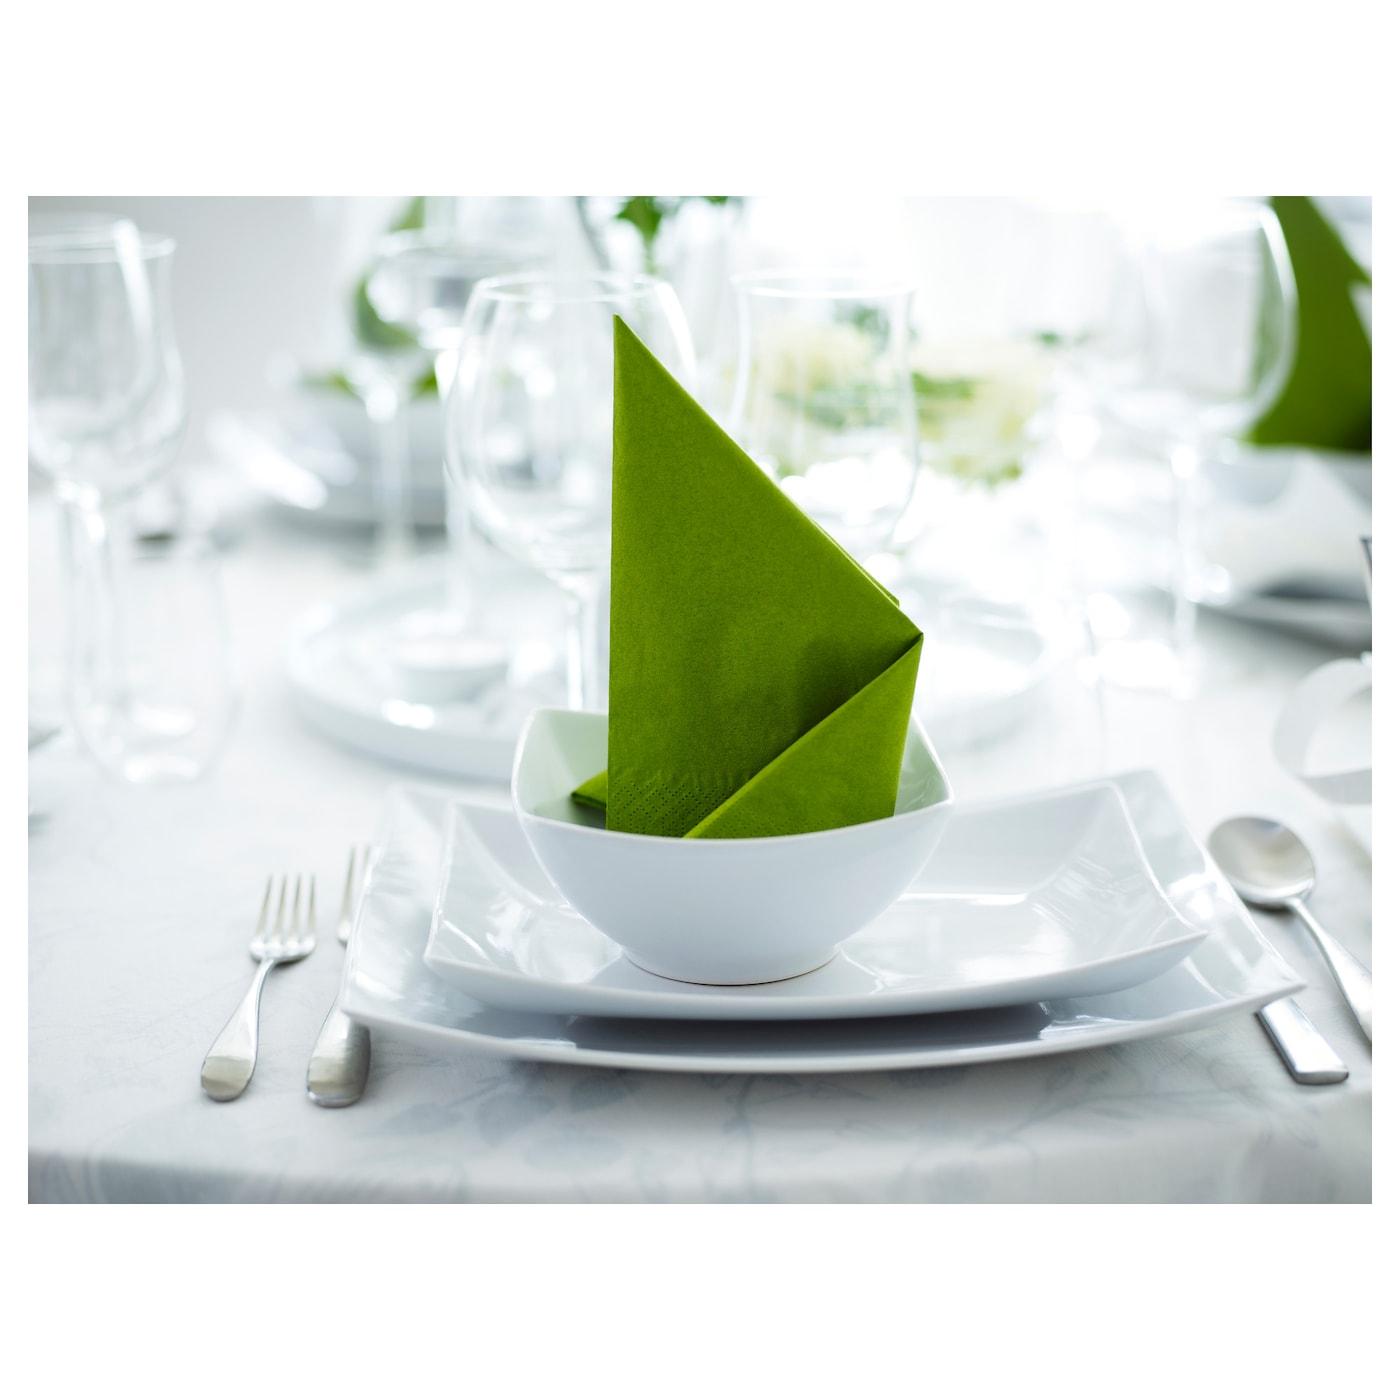 fantastisk paper napkin medium green 40x40 cm ikea. Black Bedroom Furniture Sets. Home Design Ideas